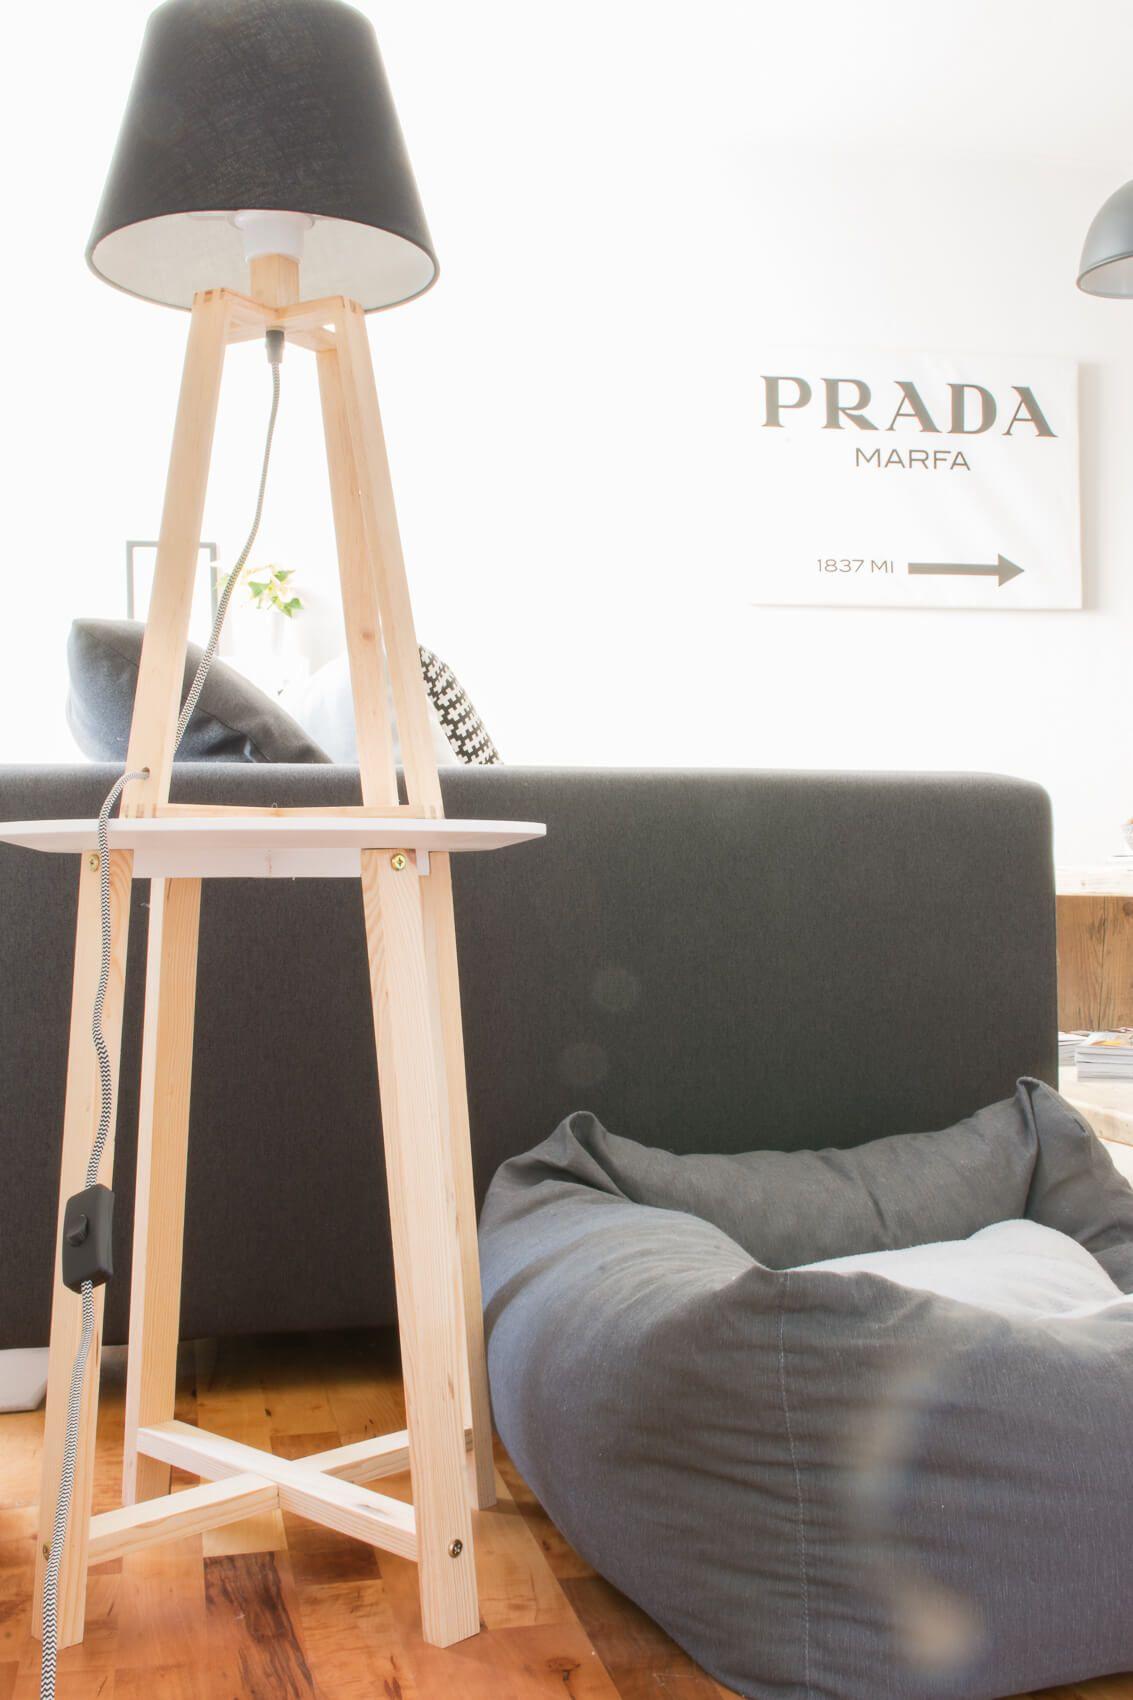 Our Living Room - Wohnzimmer - Couch - Xenos - Depot - Puuuro ... Wohnzimmer Couch Schwarz